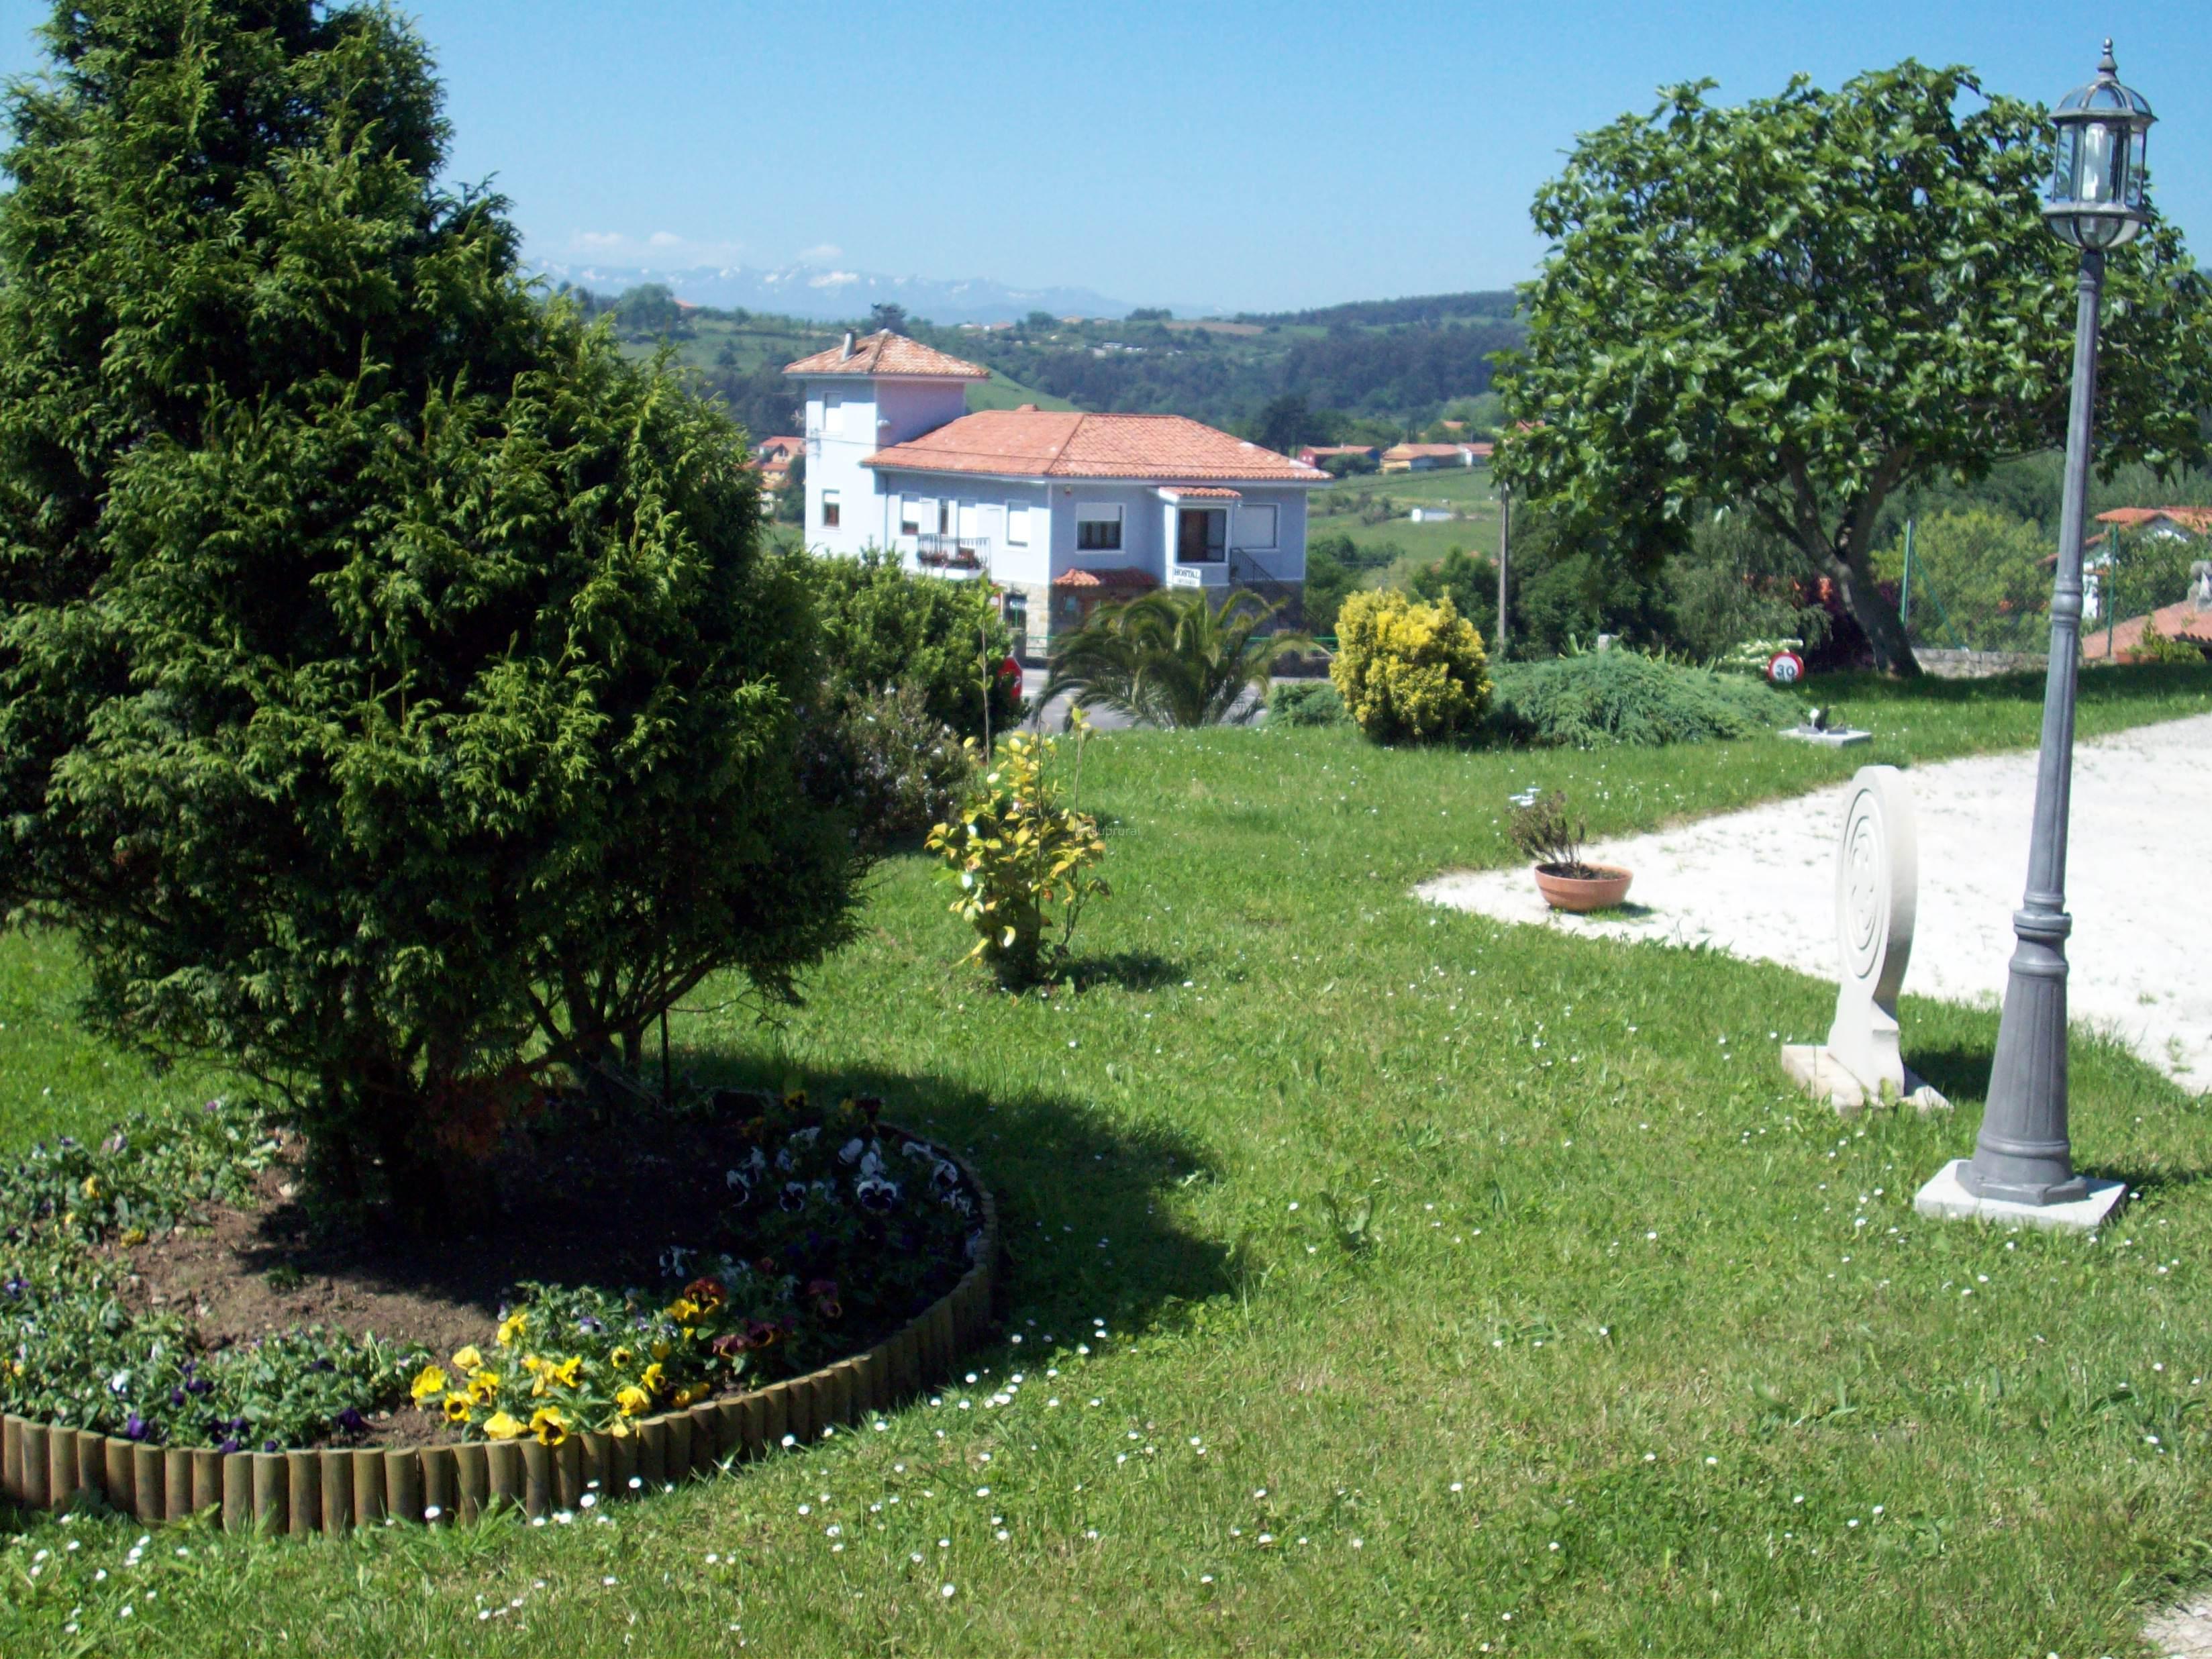 Fotos de posada el jardin cantabria santillana del mar for Posada el jardin santillana del mar